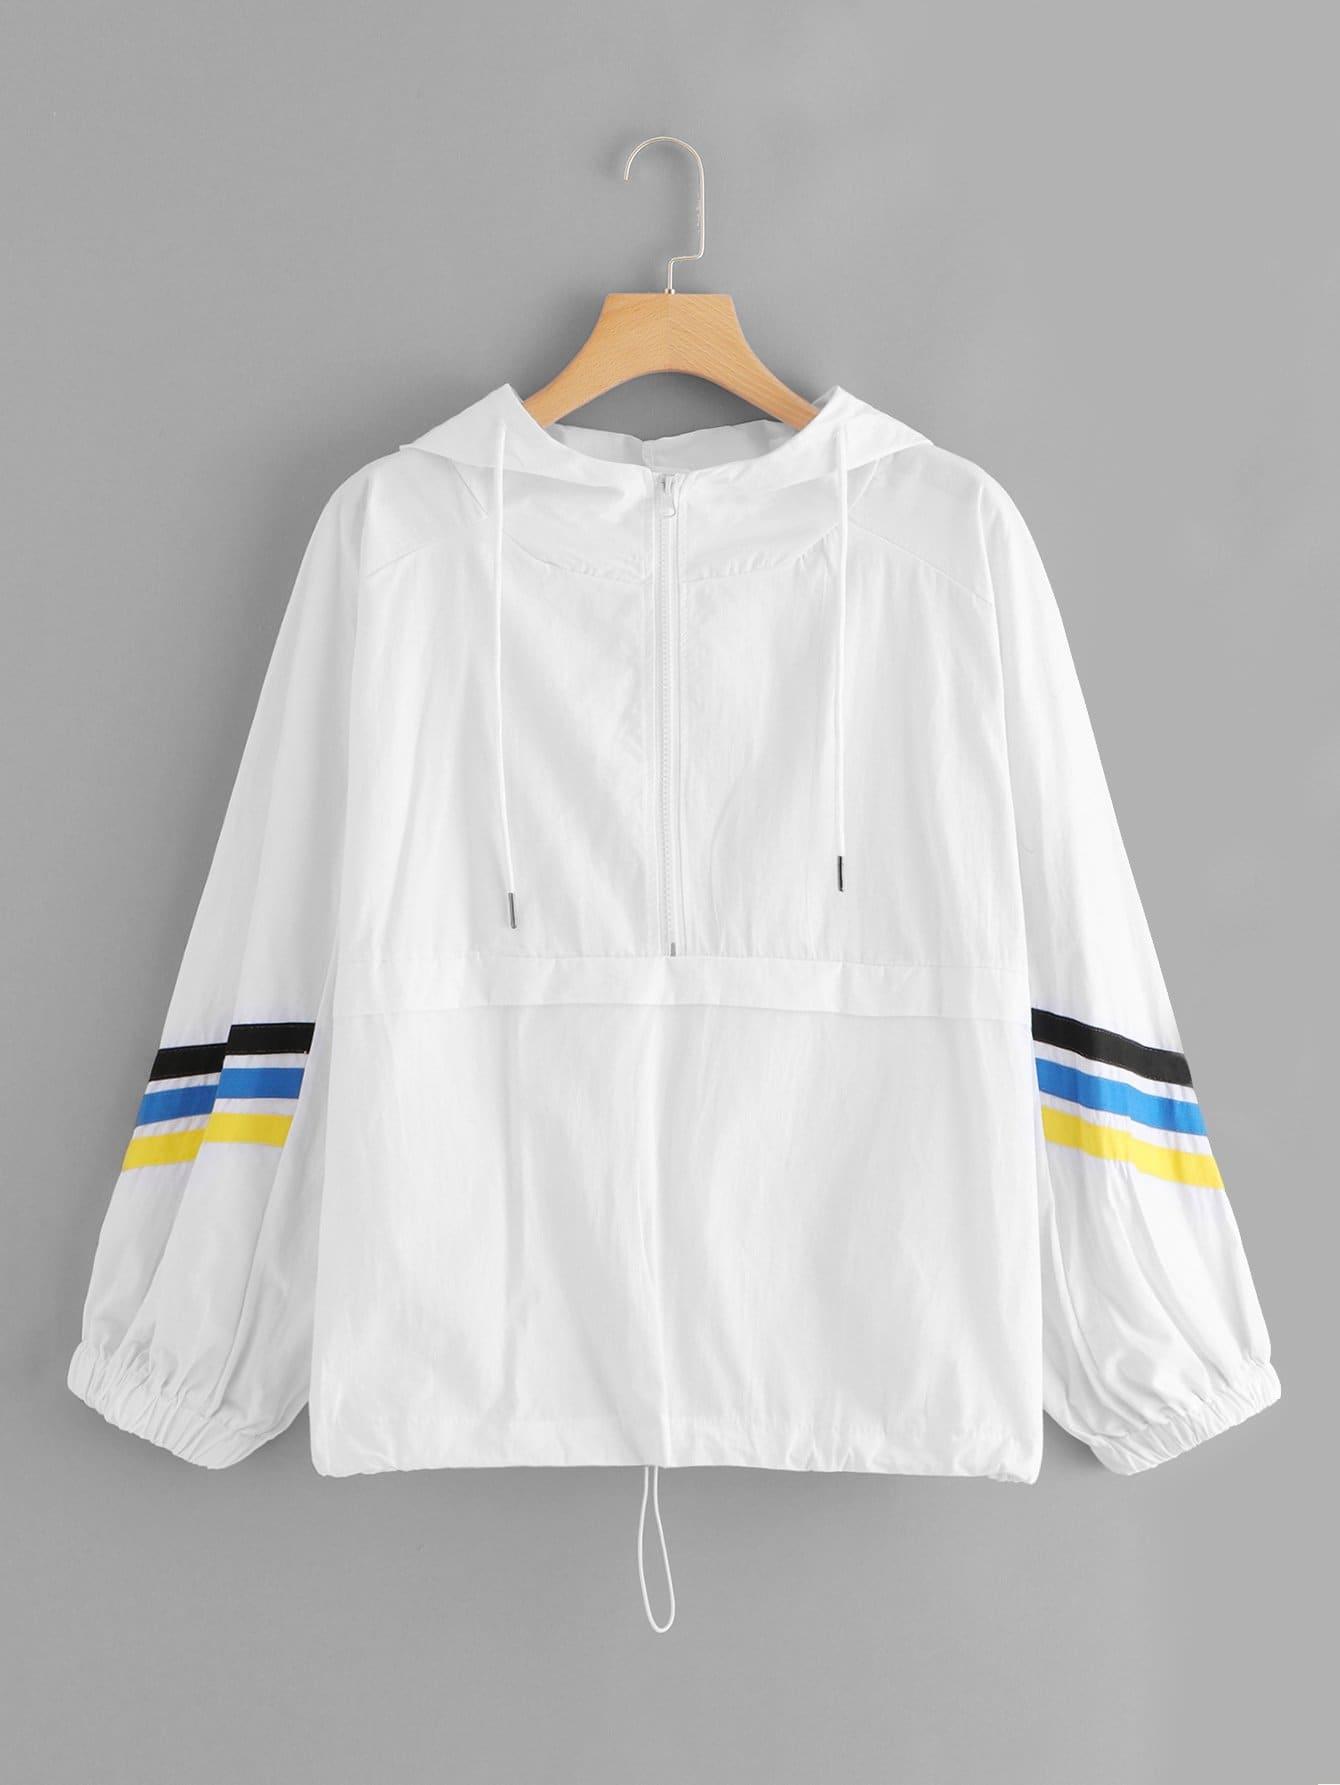 Zip Up Hoodie Drawstring Colorblock Jacket